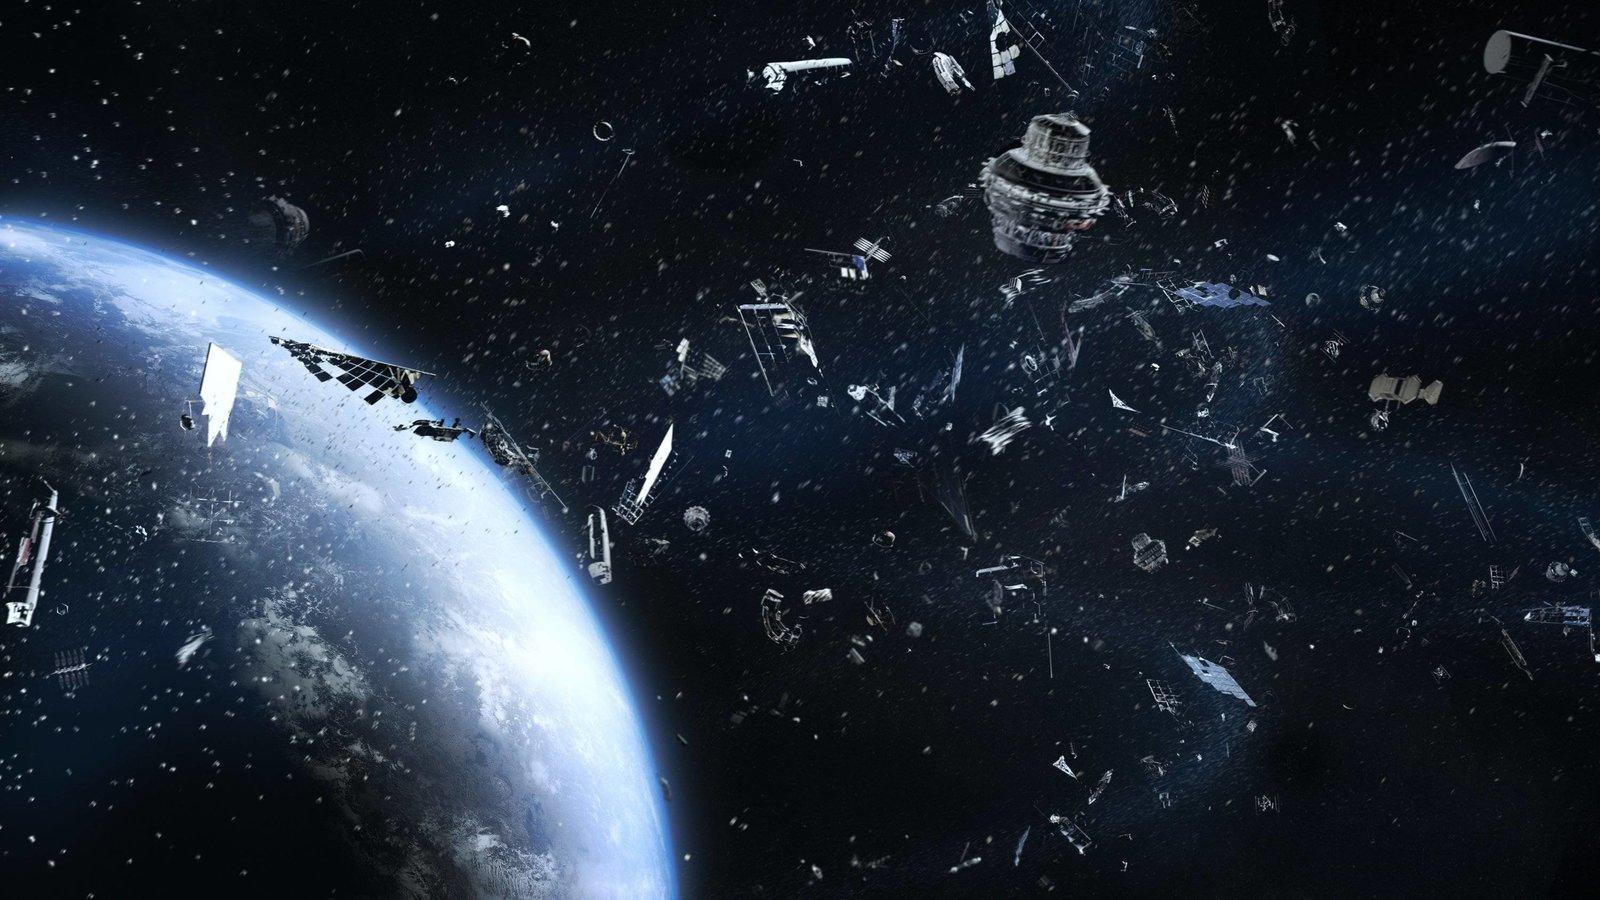 La basura espacial amenaza las expediciones del futuro: ESA